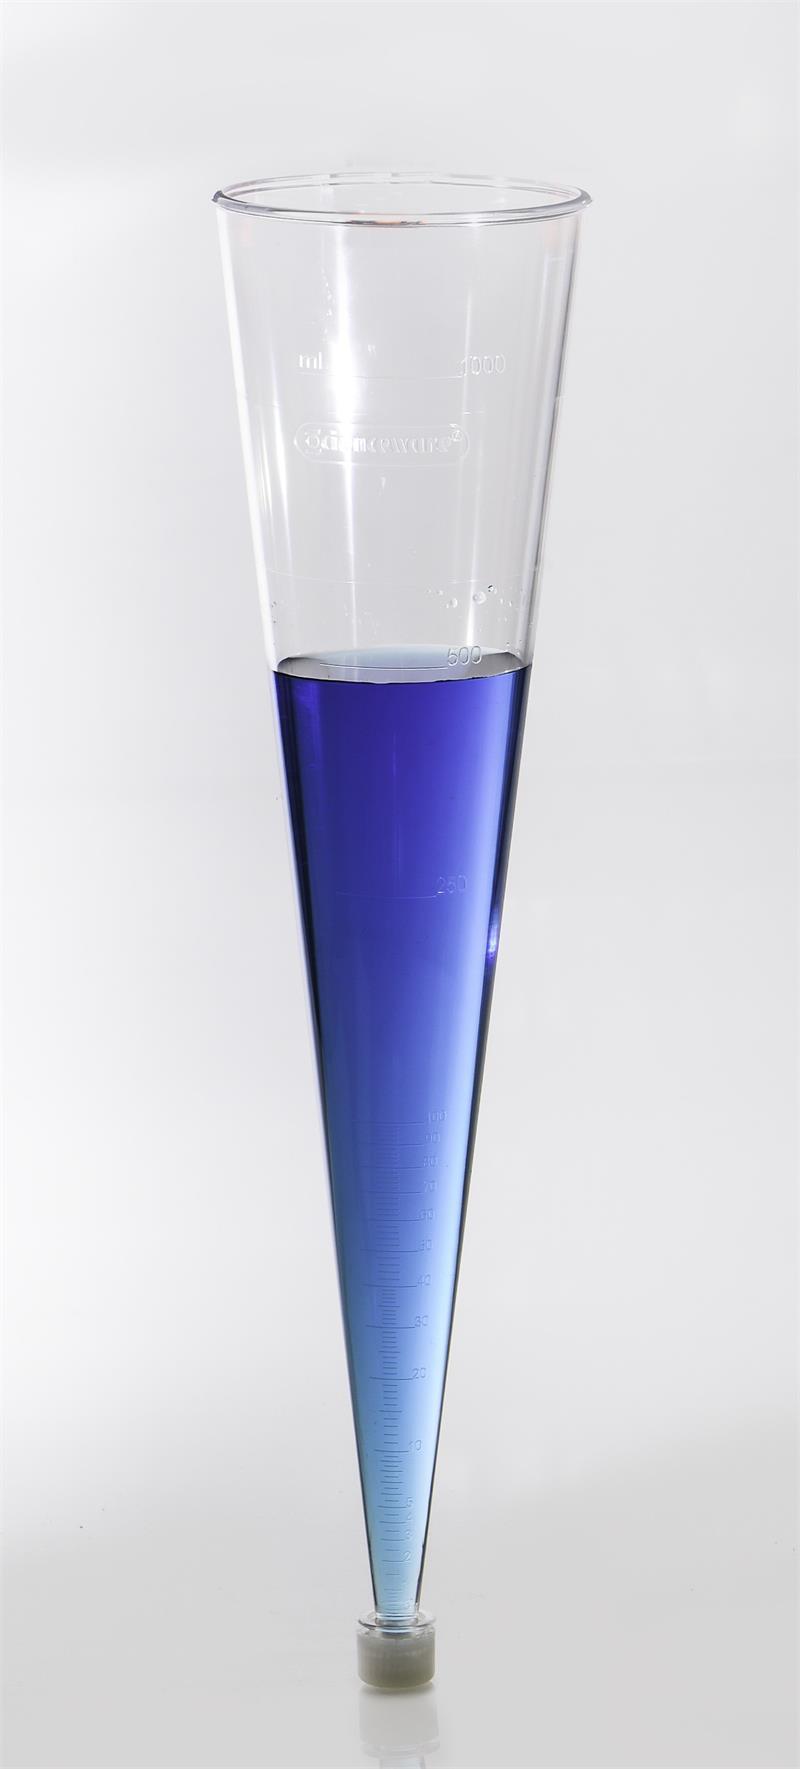 Imhoff Cones (Plastic) 1000ml